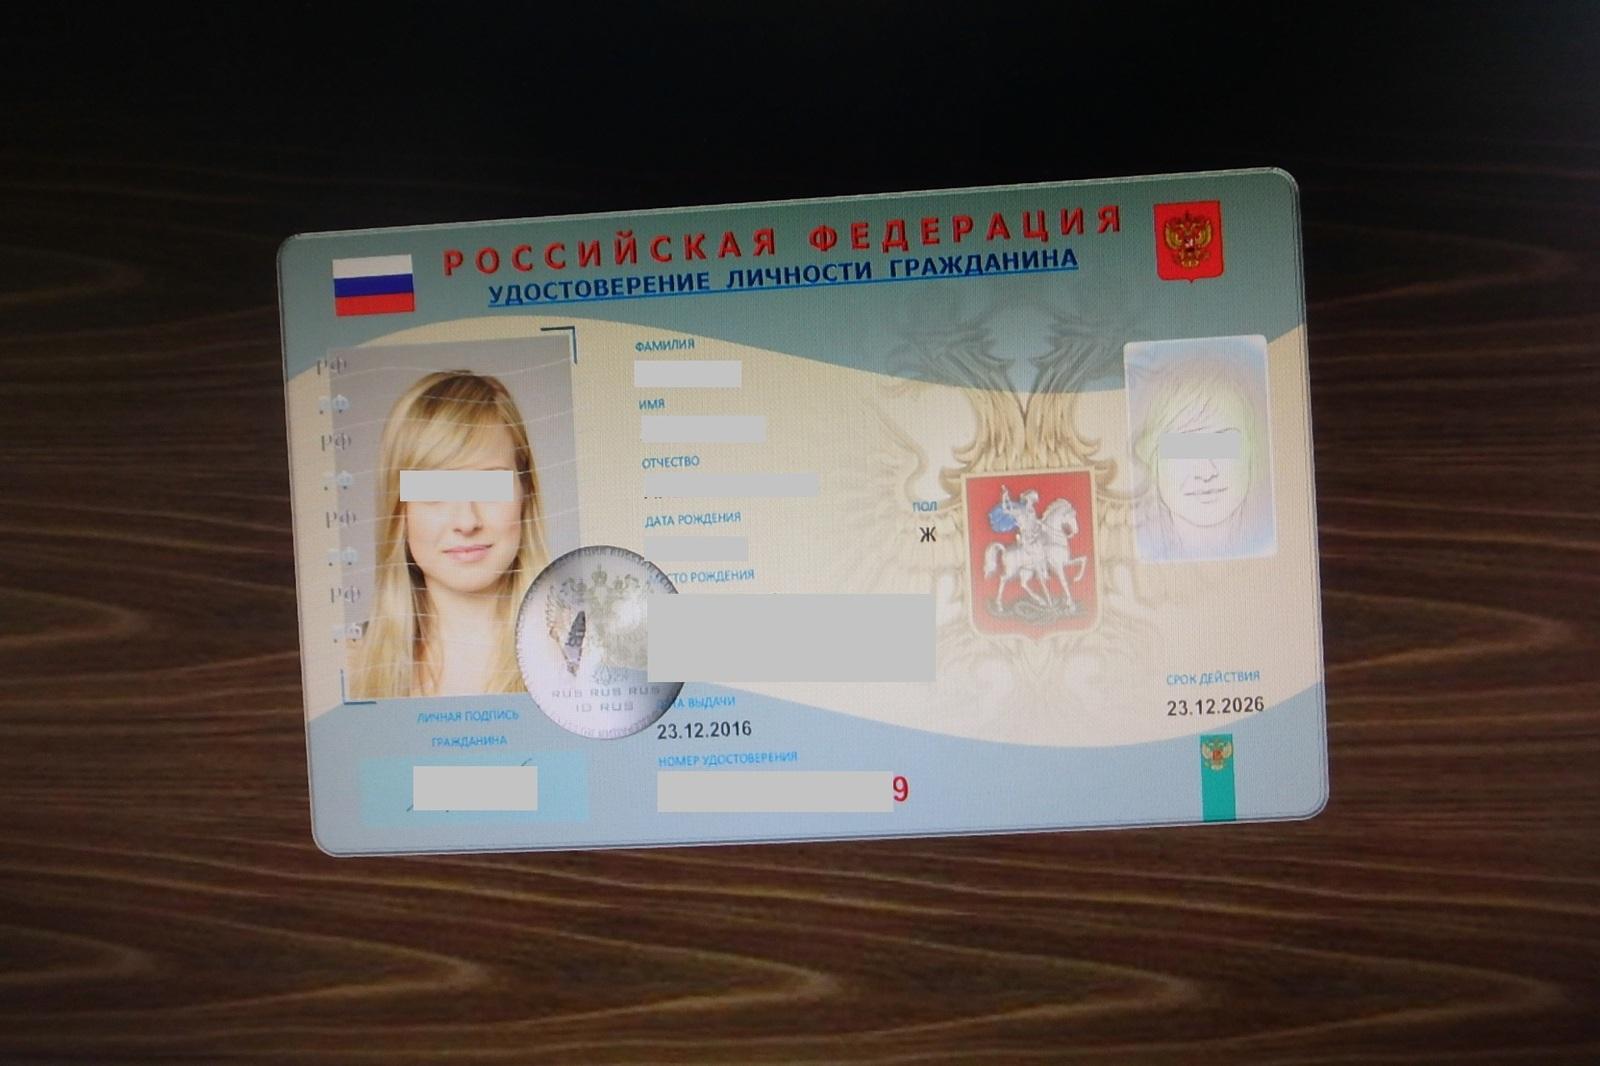 тем удостоверение личности гражданина российской федерации вместе преодолевают